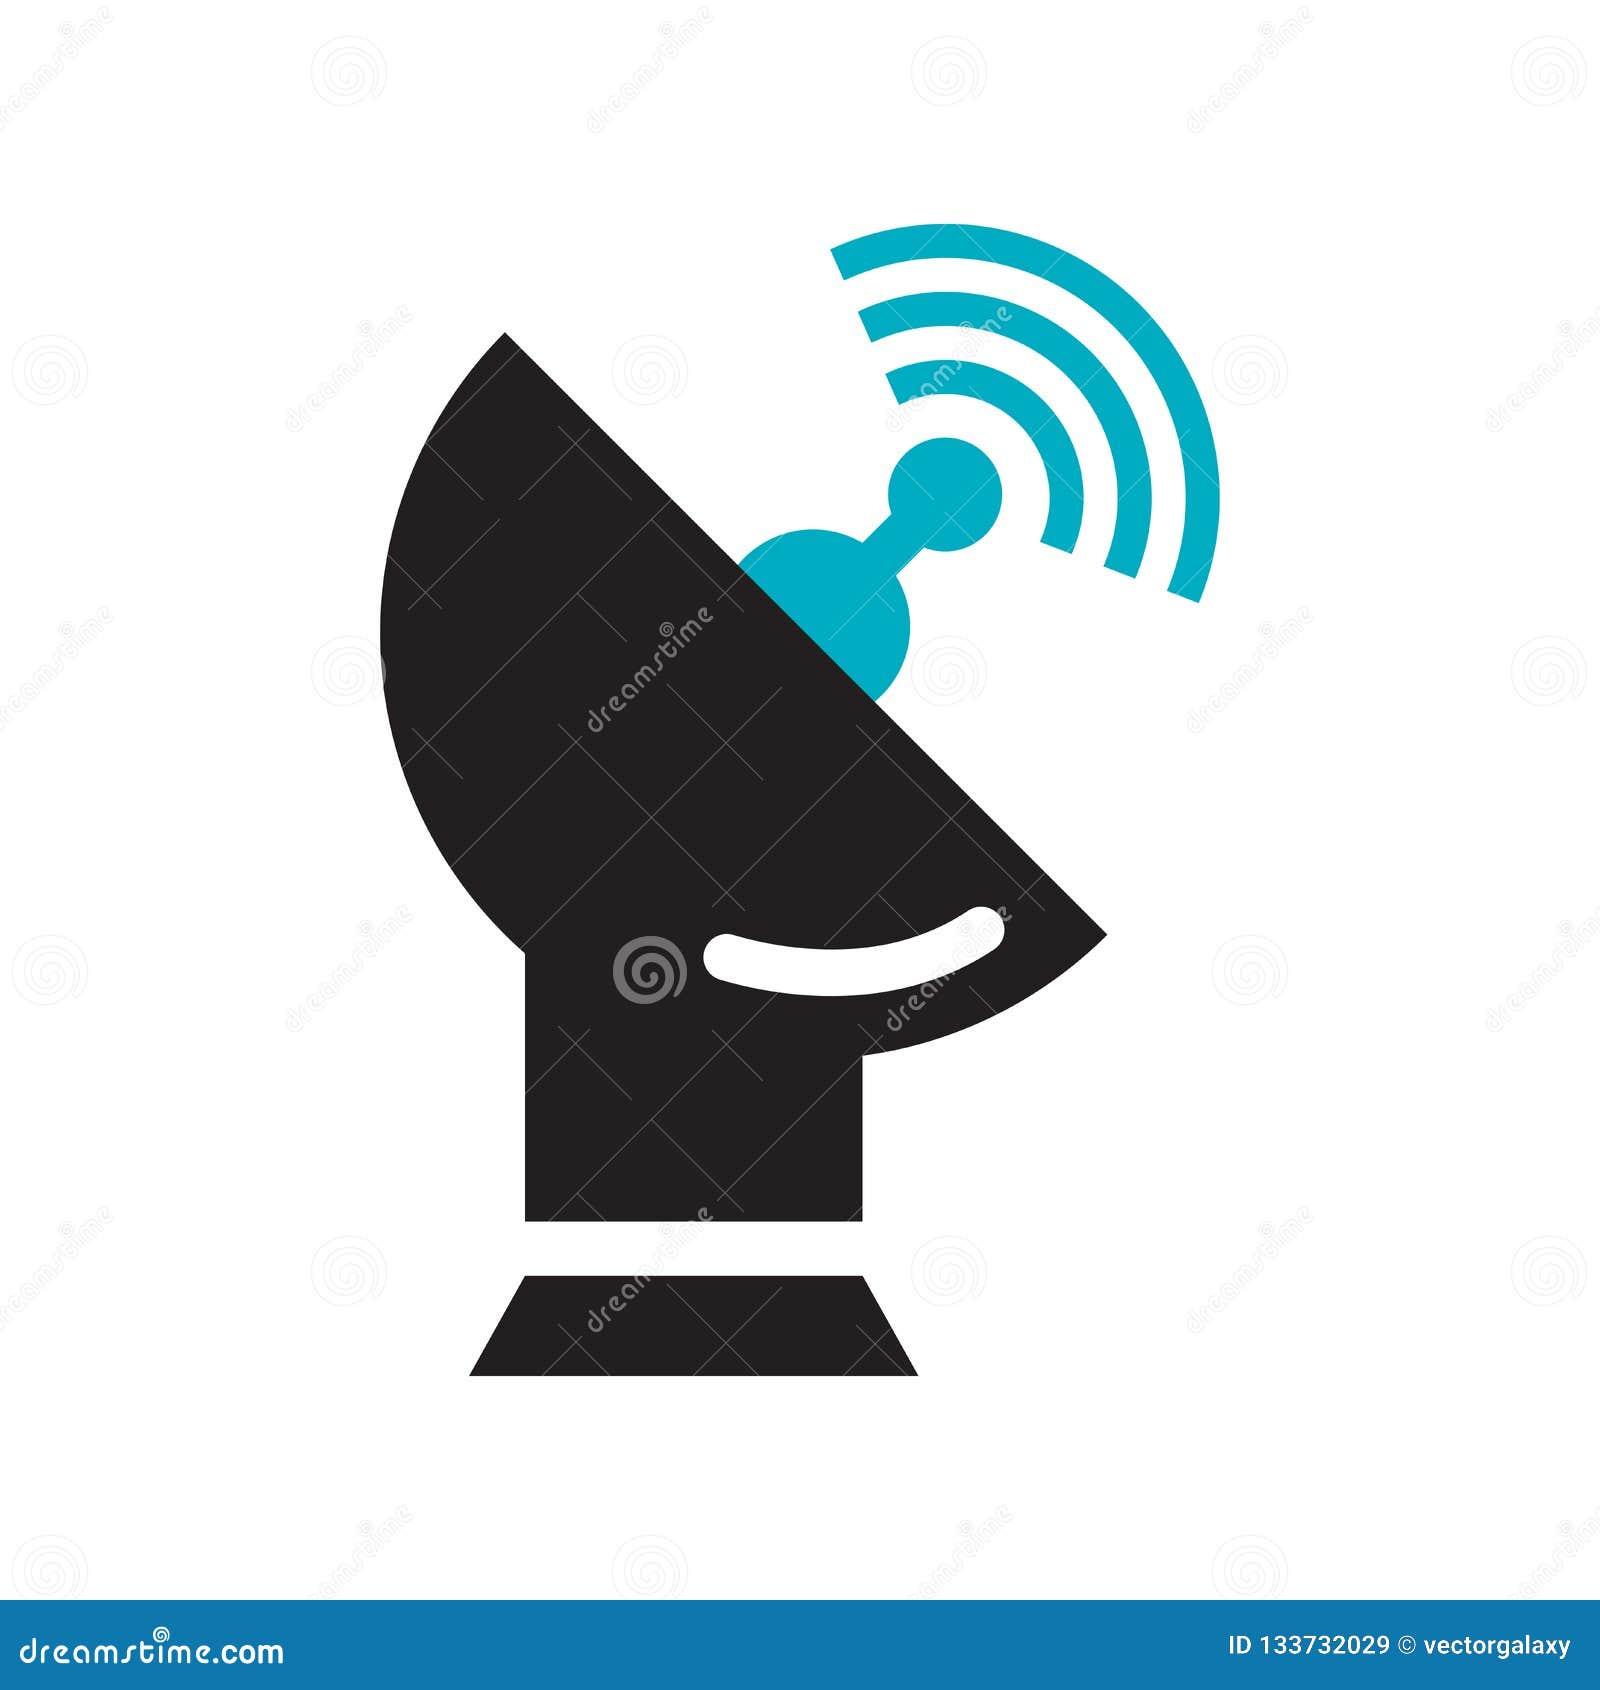 卫星报天线象在白色背景和标志隔绝的传染媒介标志,卫星报天线商标概念